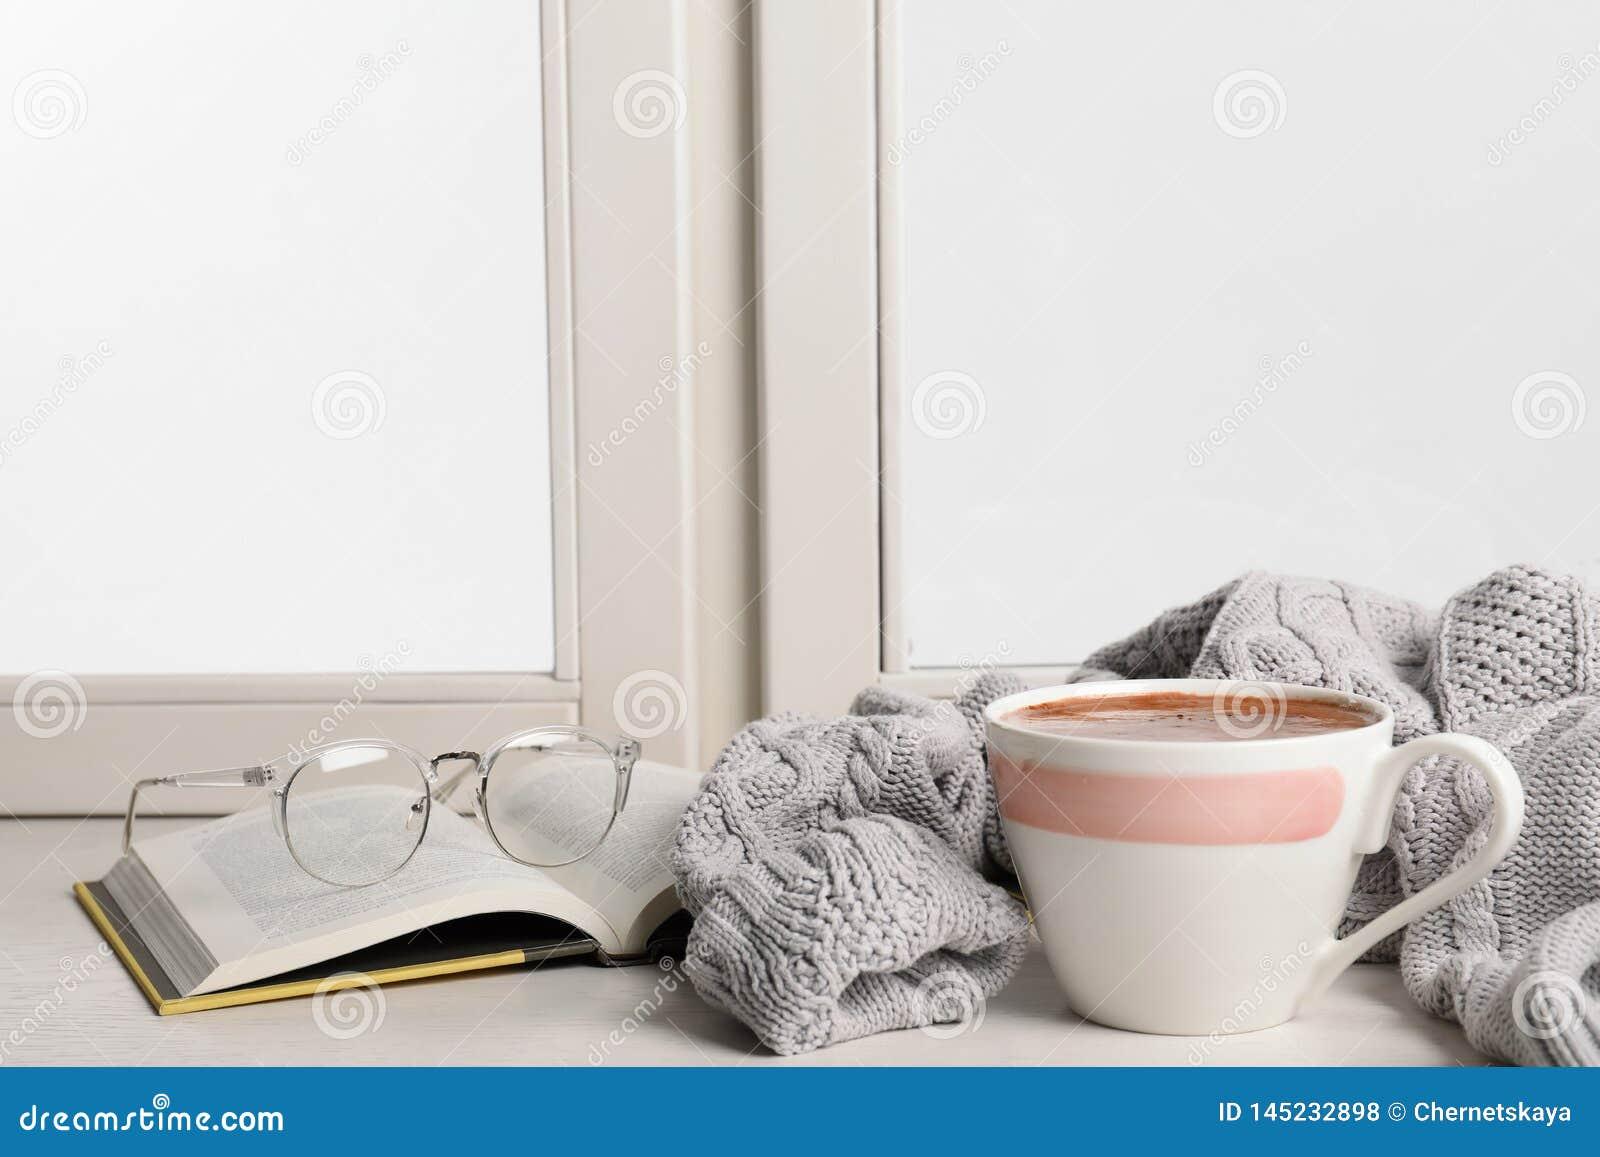 Sammansättning med koppen av varm choklad och boken på fönsterbrädan, utrymme för text